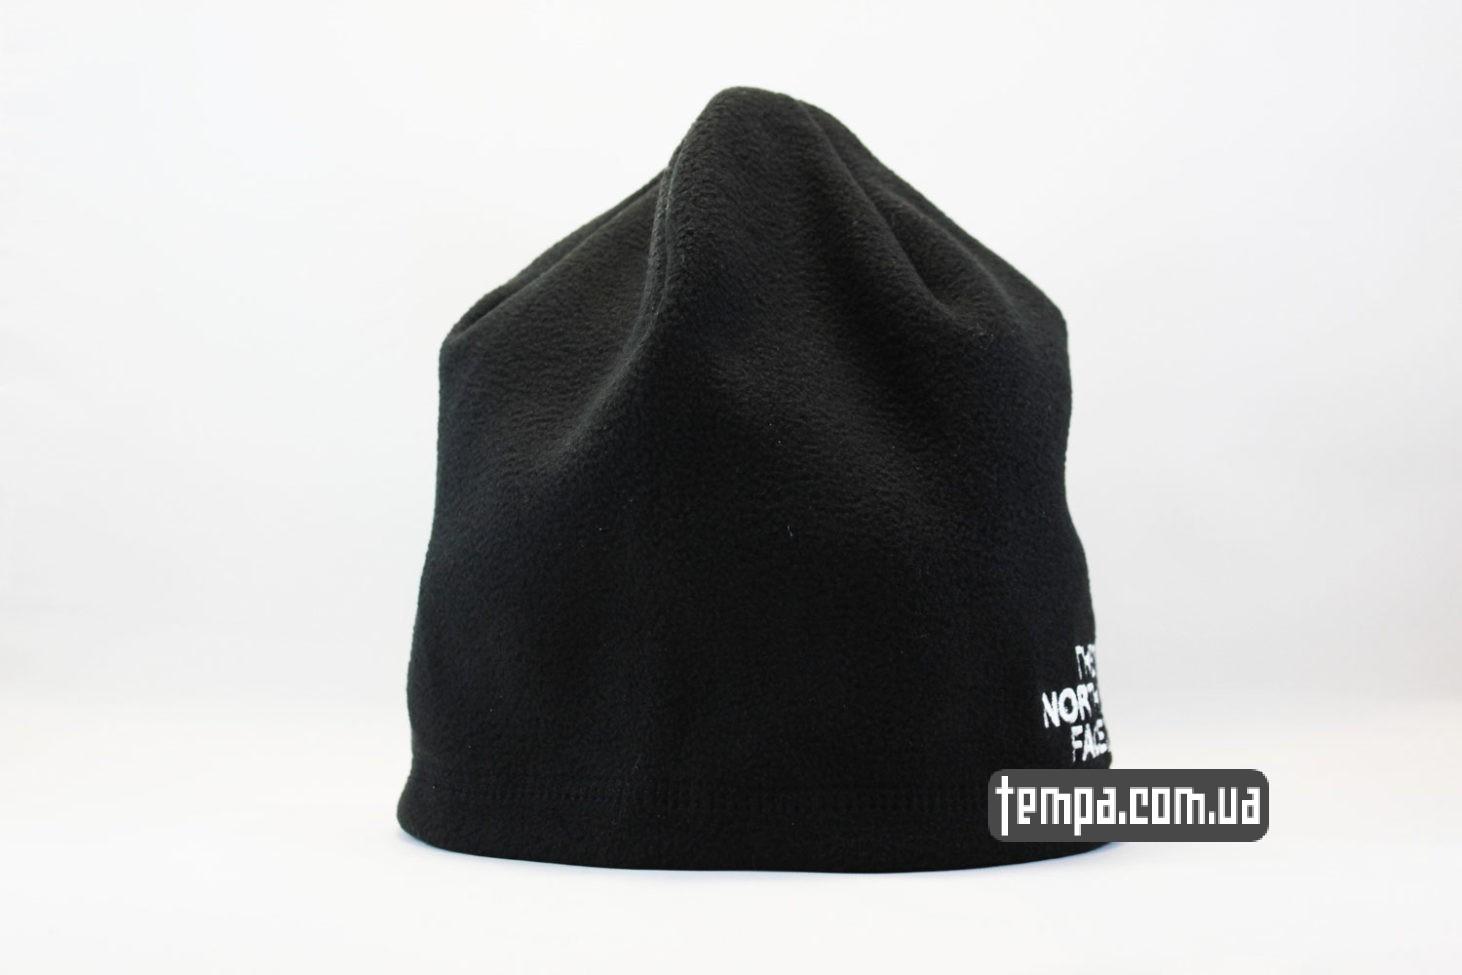 одежда для хайкинга шапка beanie the north face black черная оригинал купить Украина